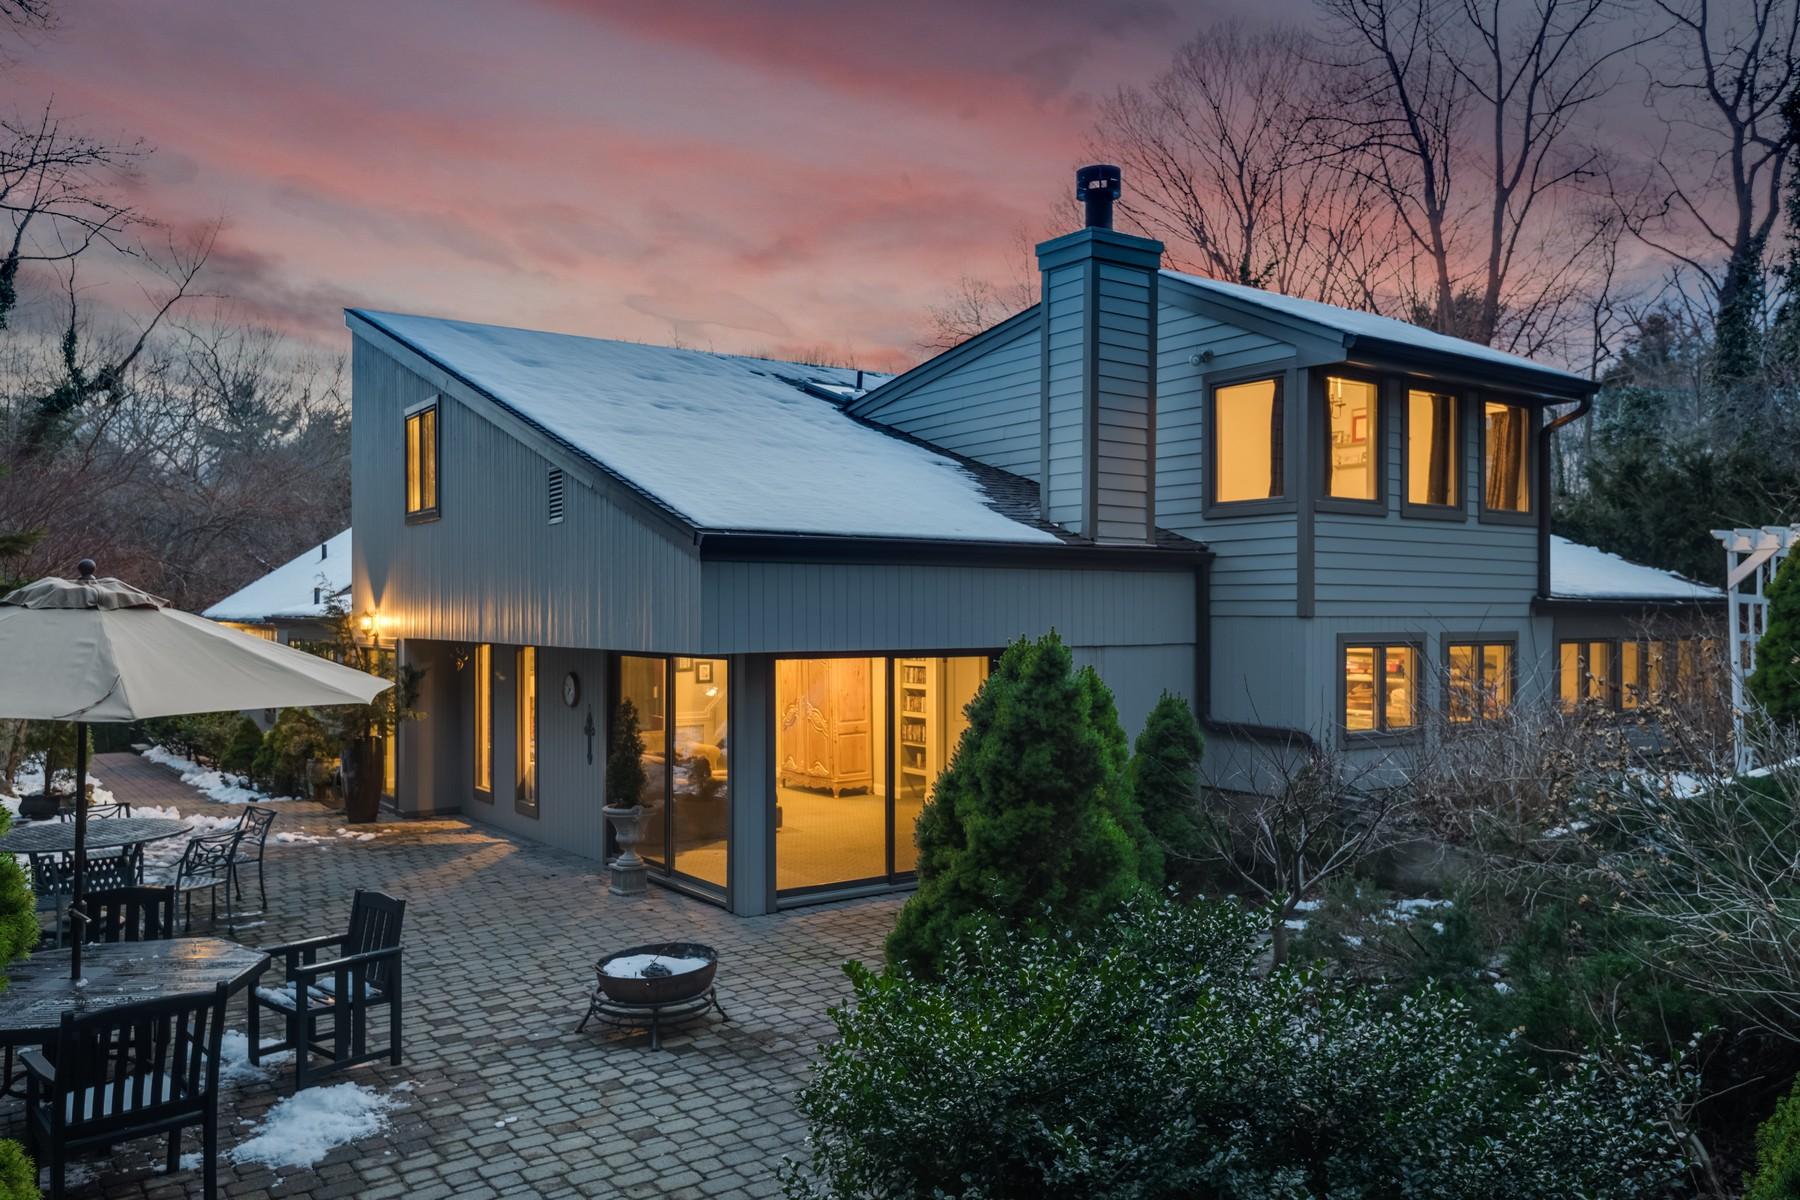 独户住宅 为 销售 在 352 West Neck Rd , Lloyd Harbor, NY 11743 352 West Neck Rd, 劳埃德港, 纽约州, 11743 美国